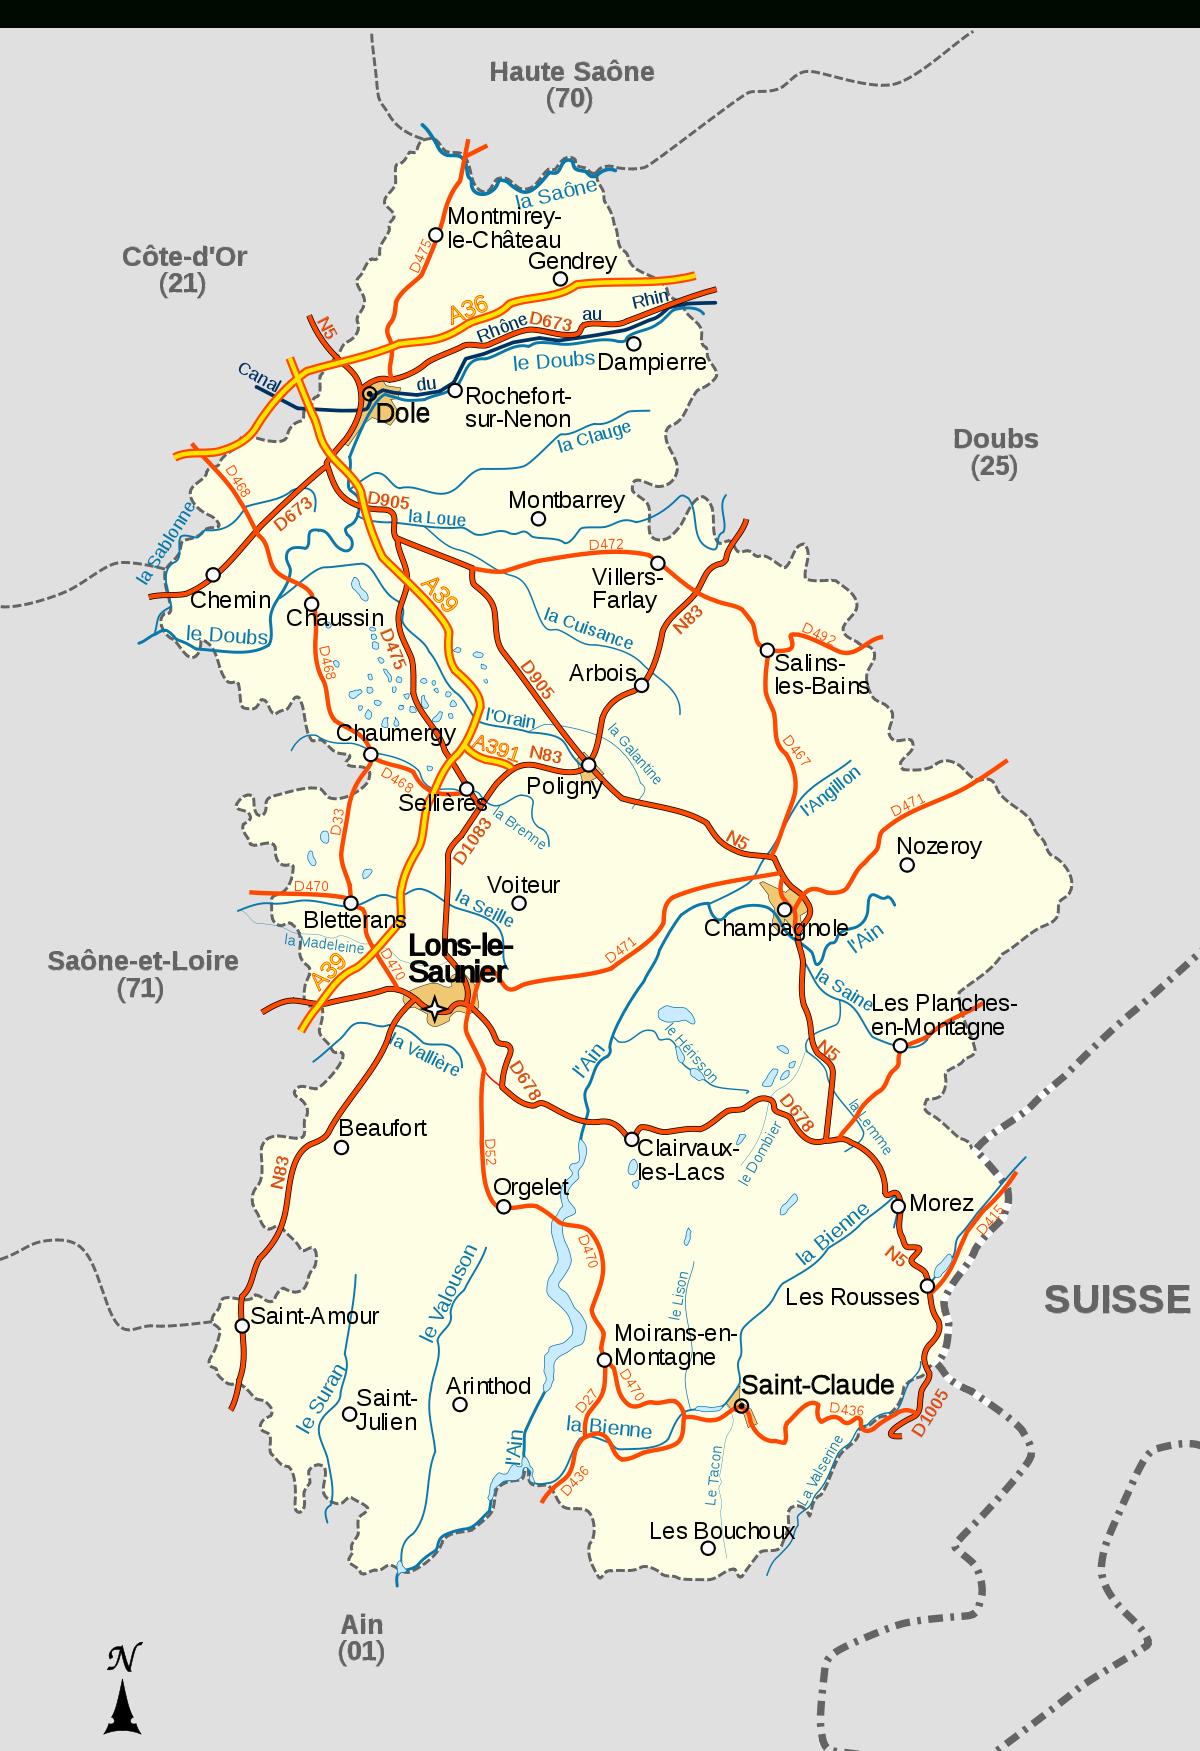 Liste Des Cours D'eau Du Département Du Jura — Wikipédia pour Carte Avec Departement